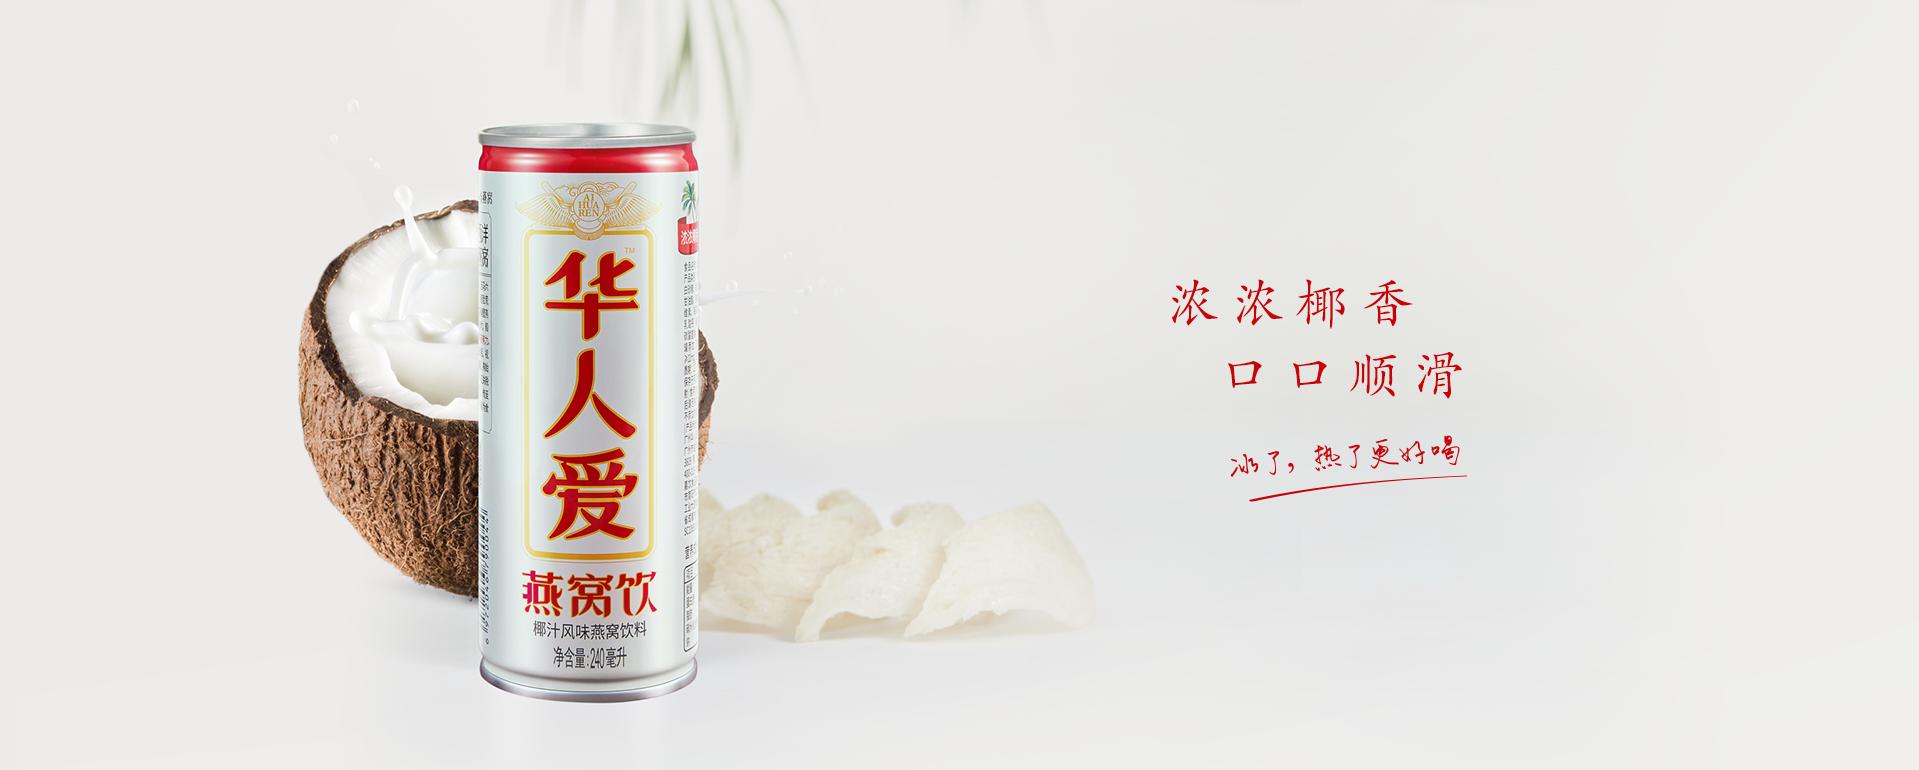 华人爱椰汁风味燕窝饮料